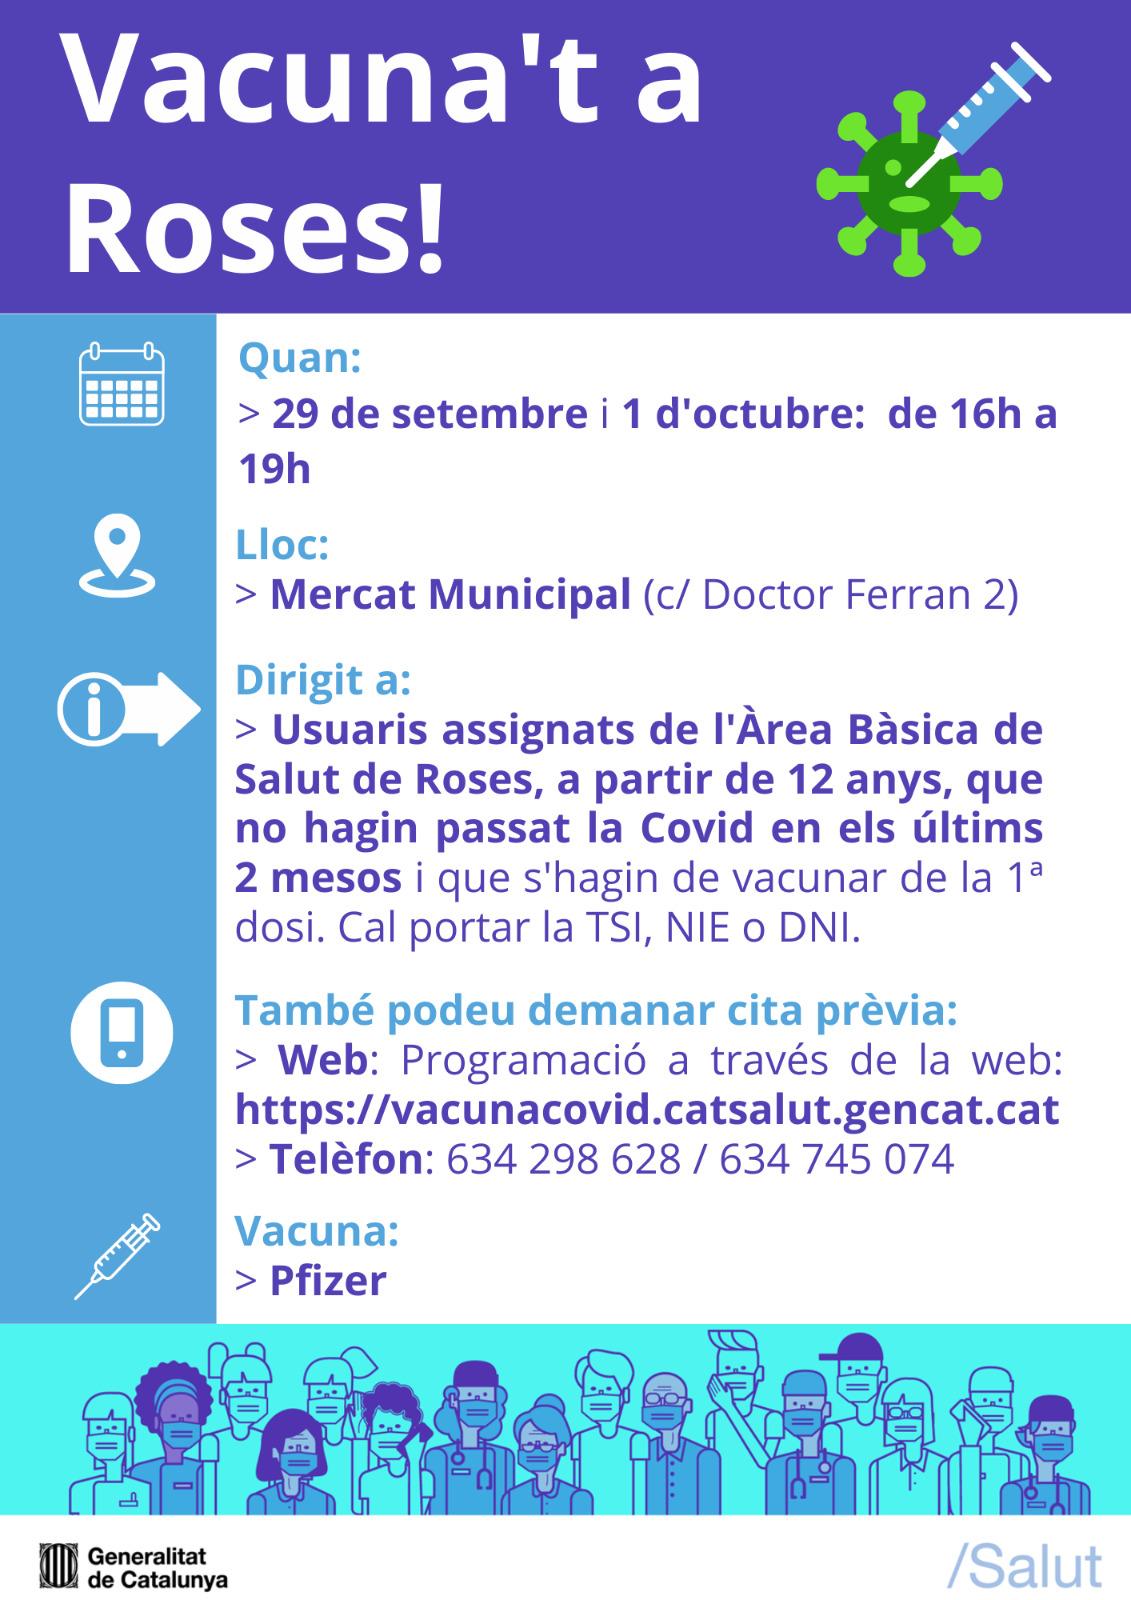 Dimecres, 29 de setembre, i divendres, 1 d'octubre, vacunació sense cita a Roses